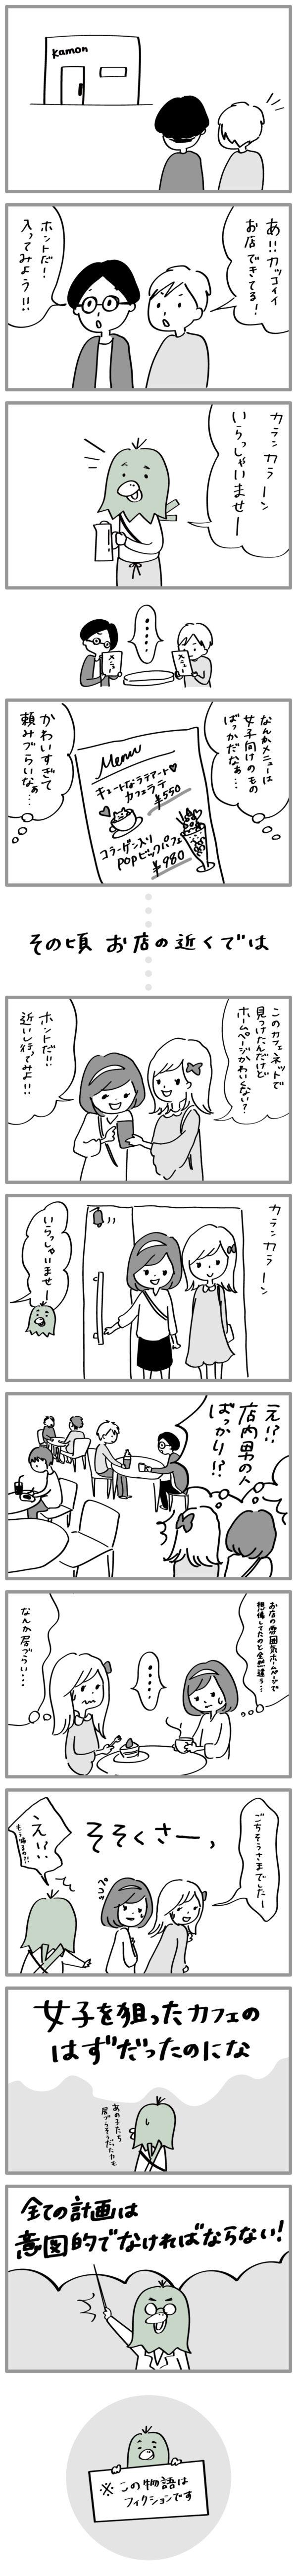 カモ田の店づくり